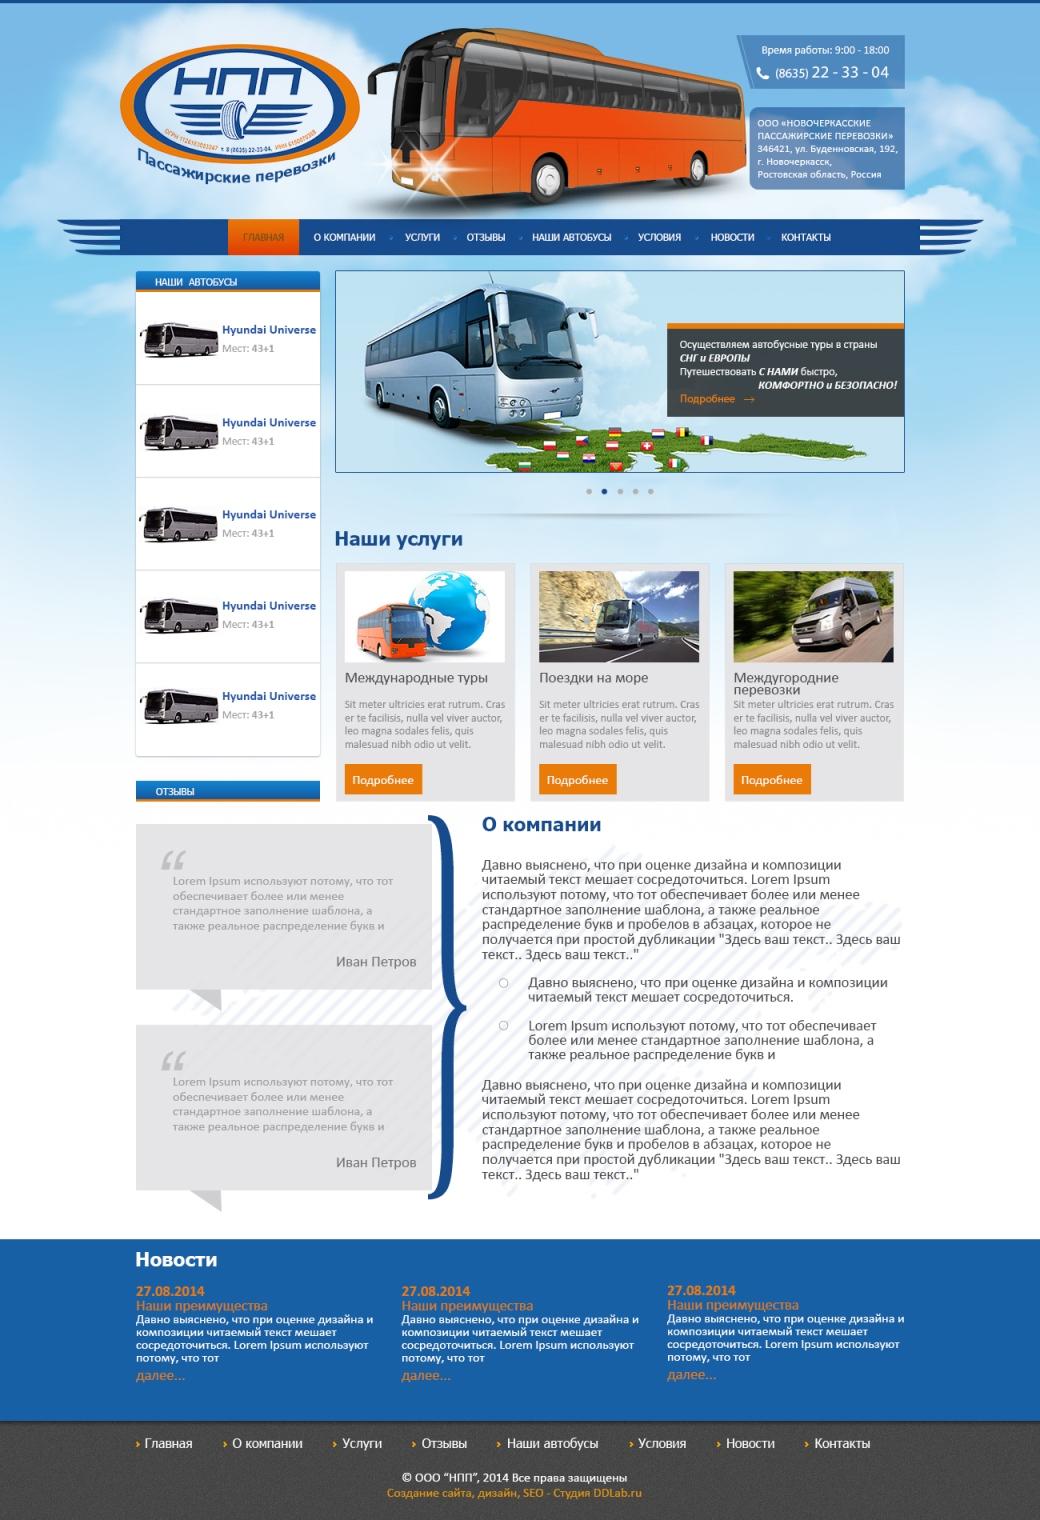 Создание сайта транспортной компании г. Новочеркасск, разработка сайта Ростов